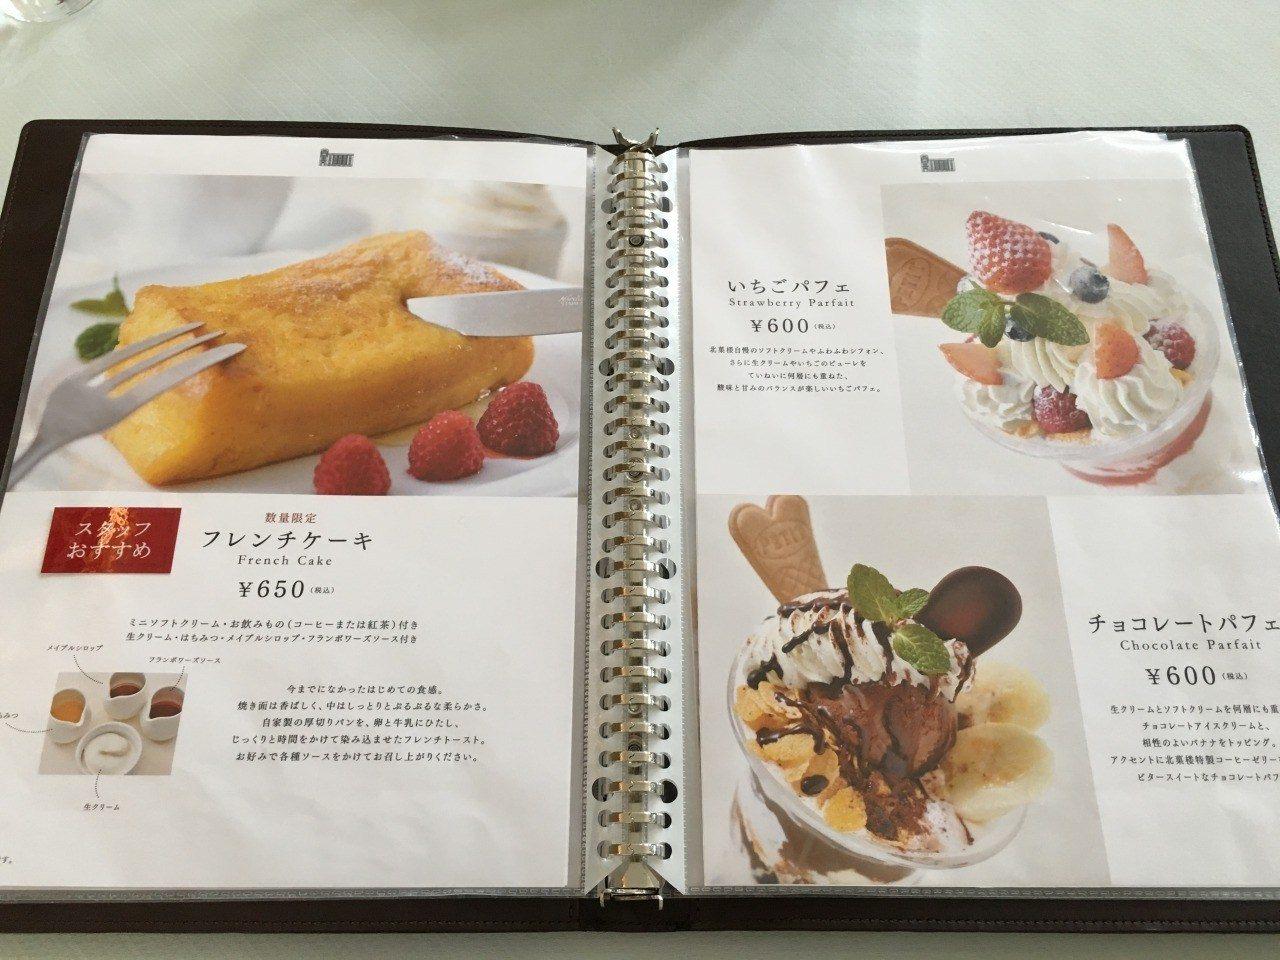 「法式蛋糕」組合(650日圓)